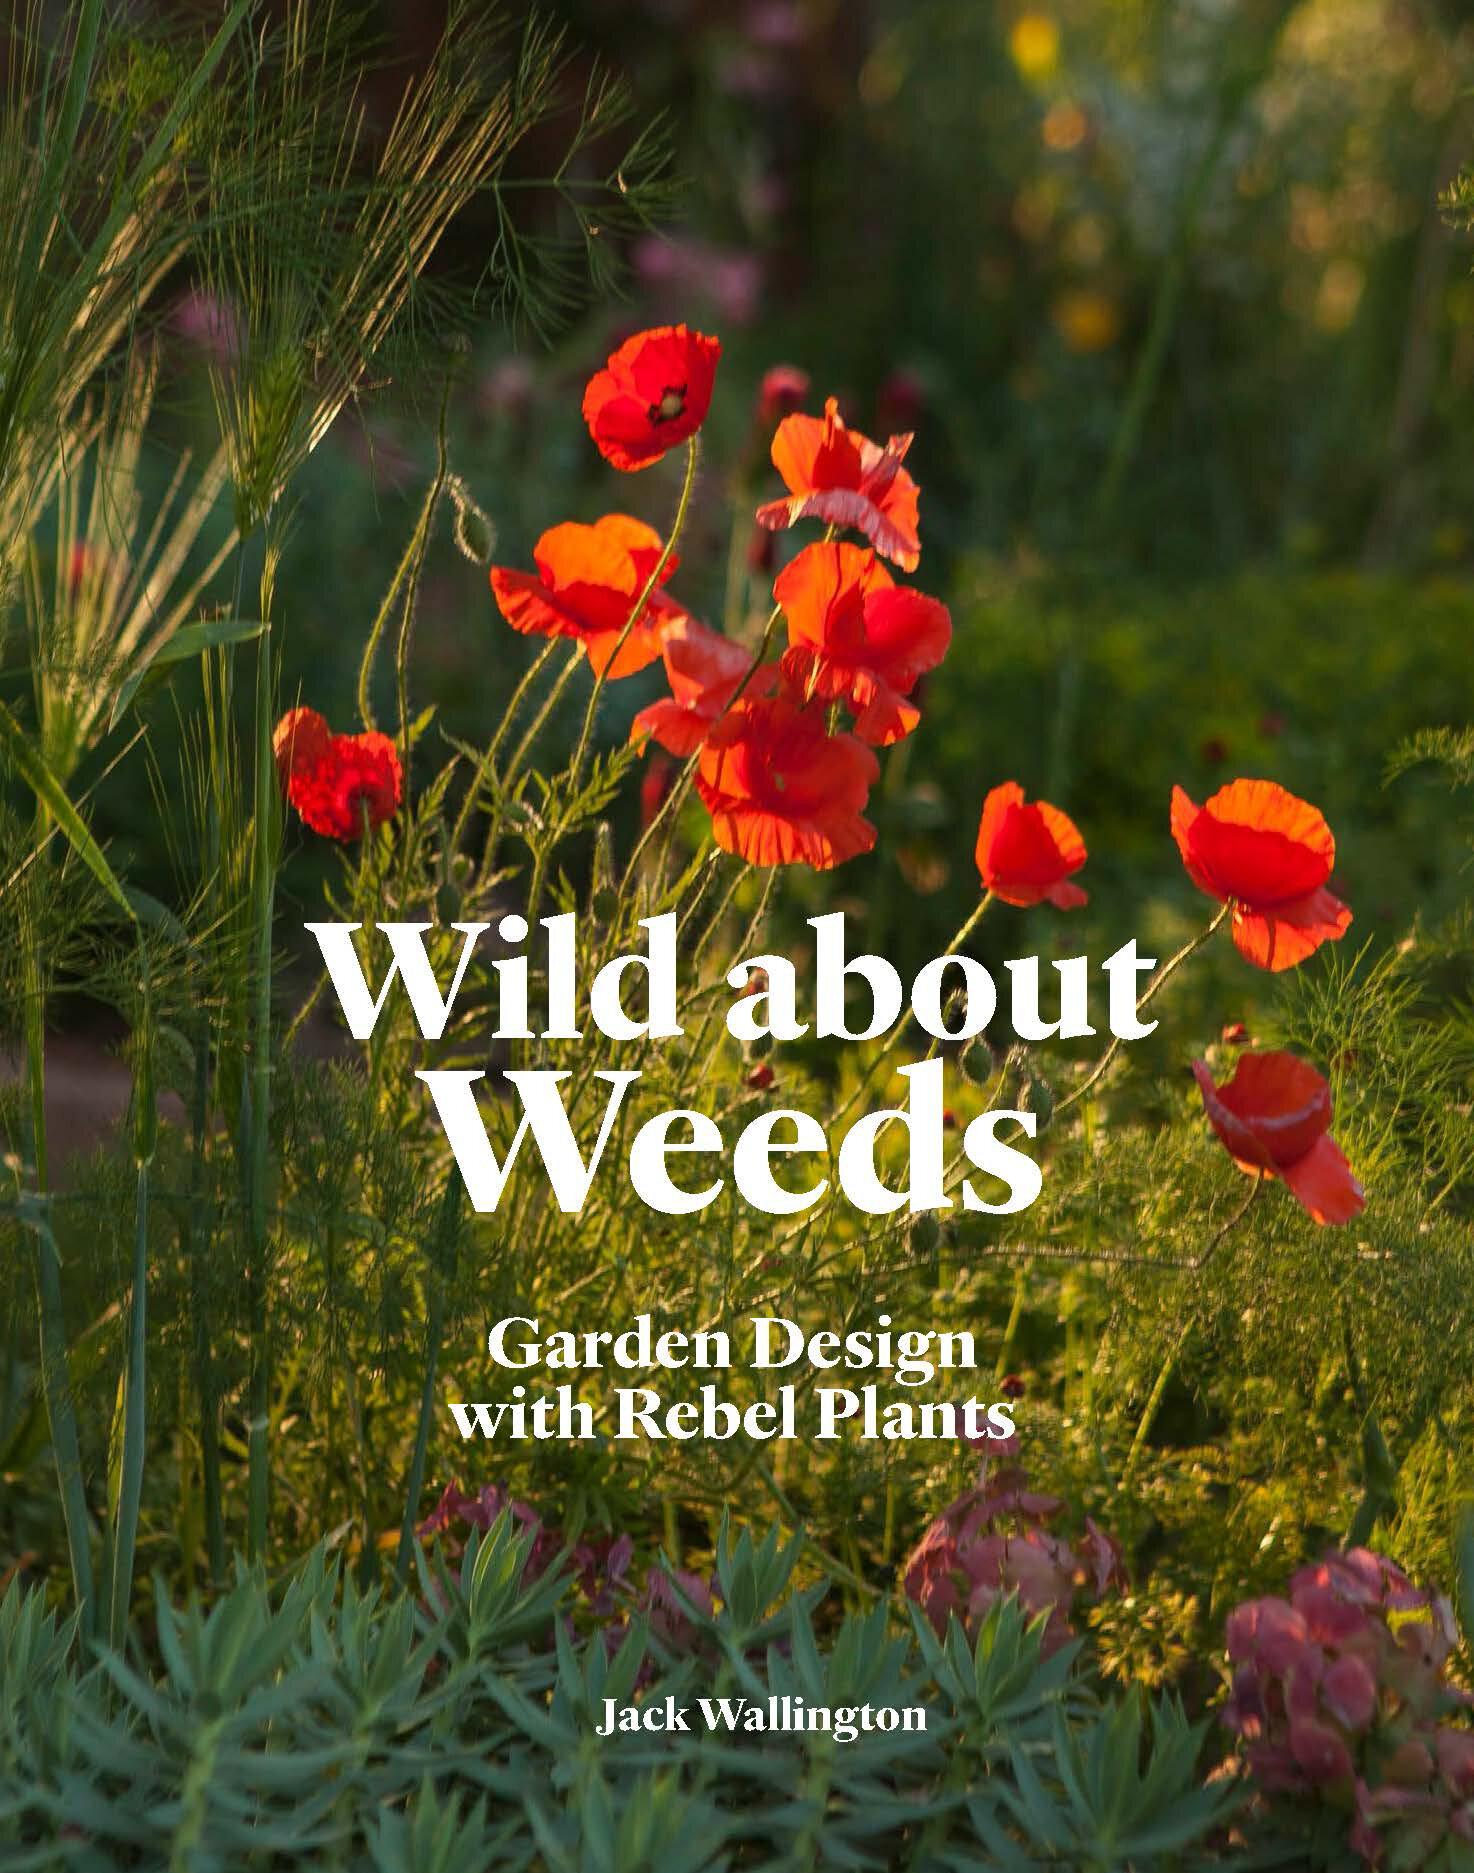 Wild About Weeds coverSHR.jpg